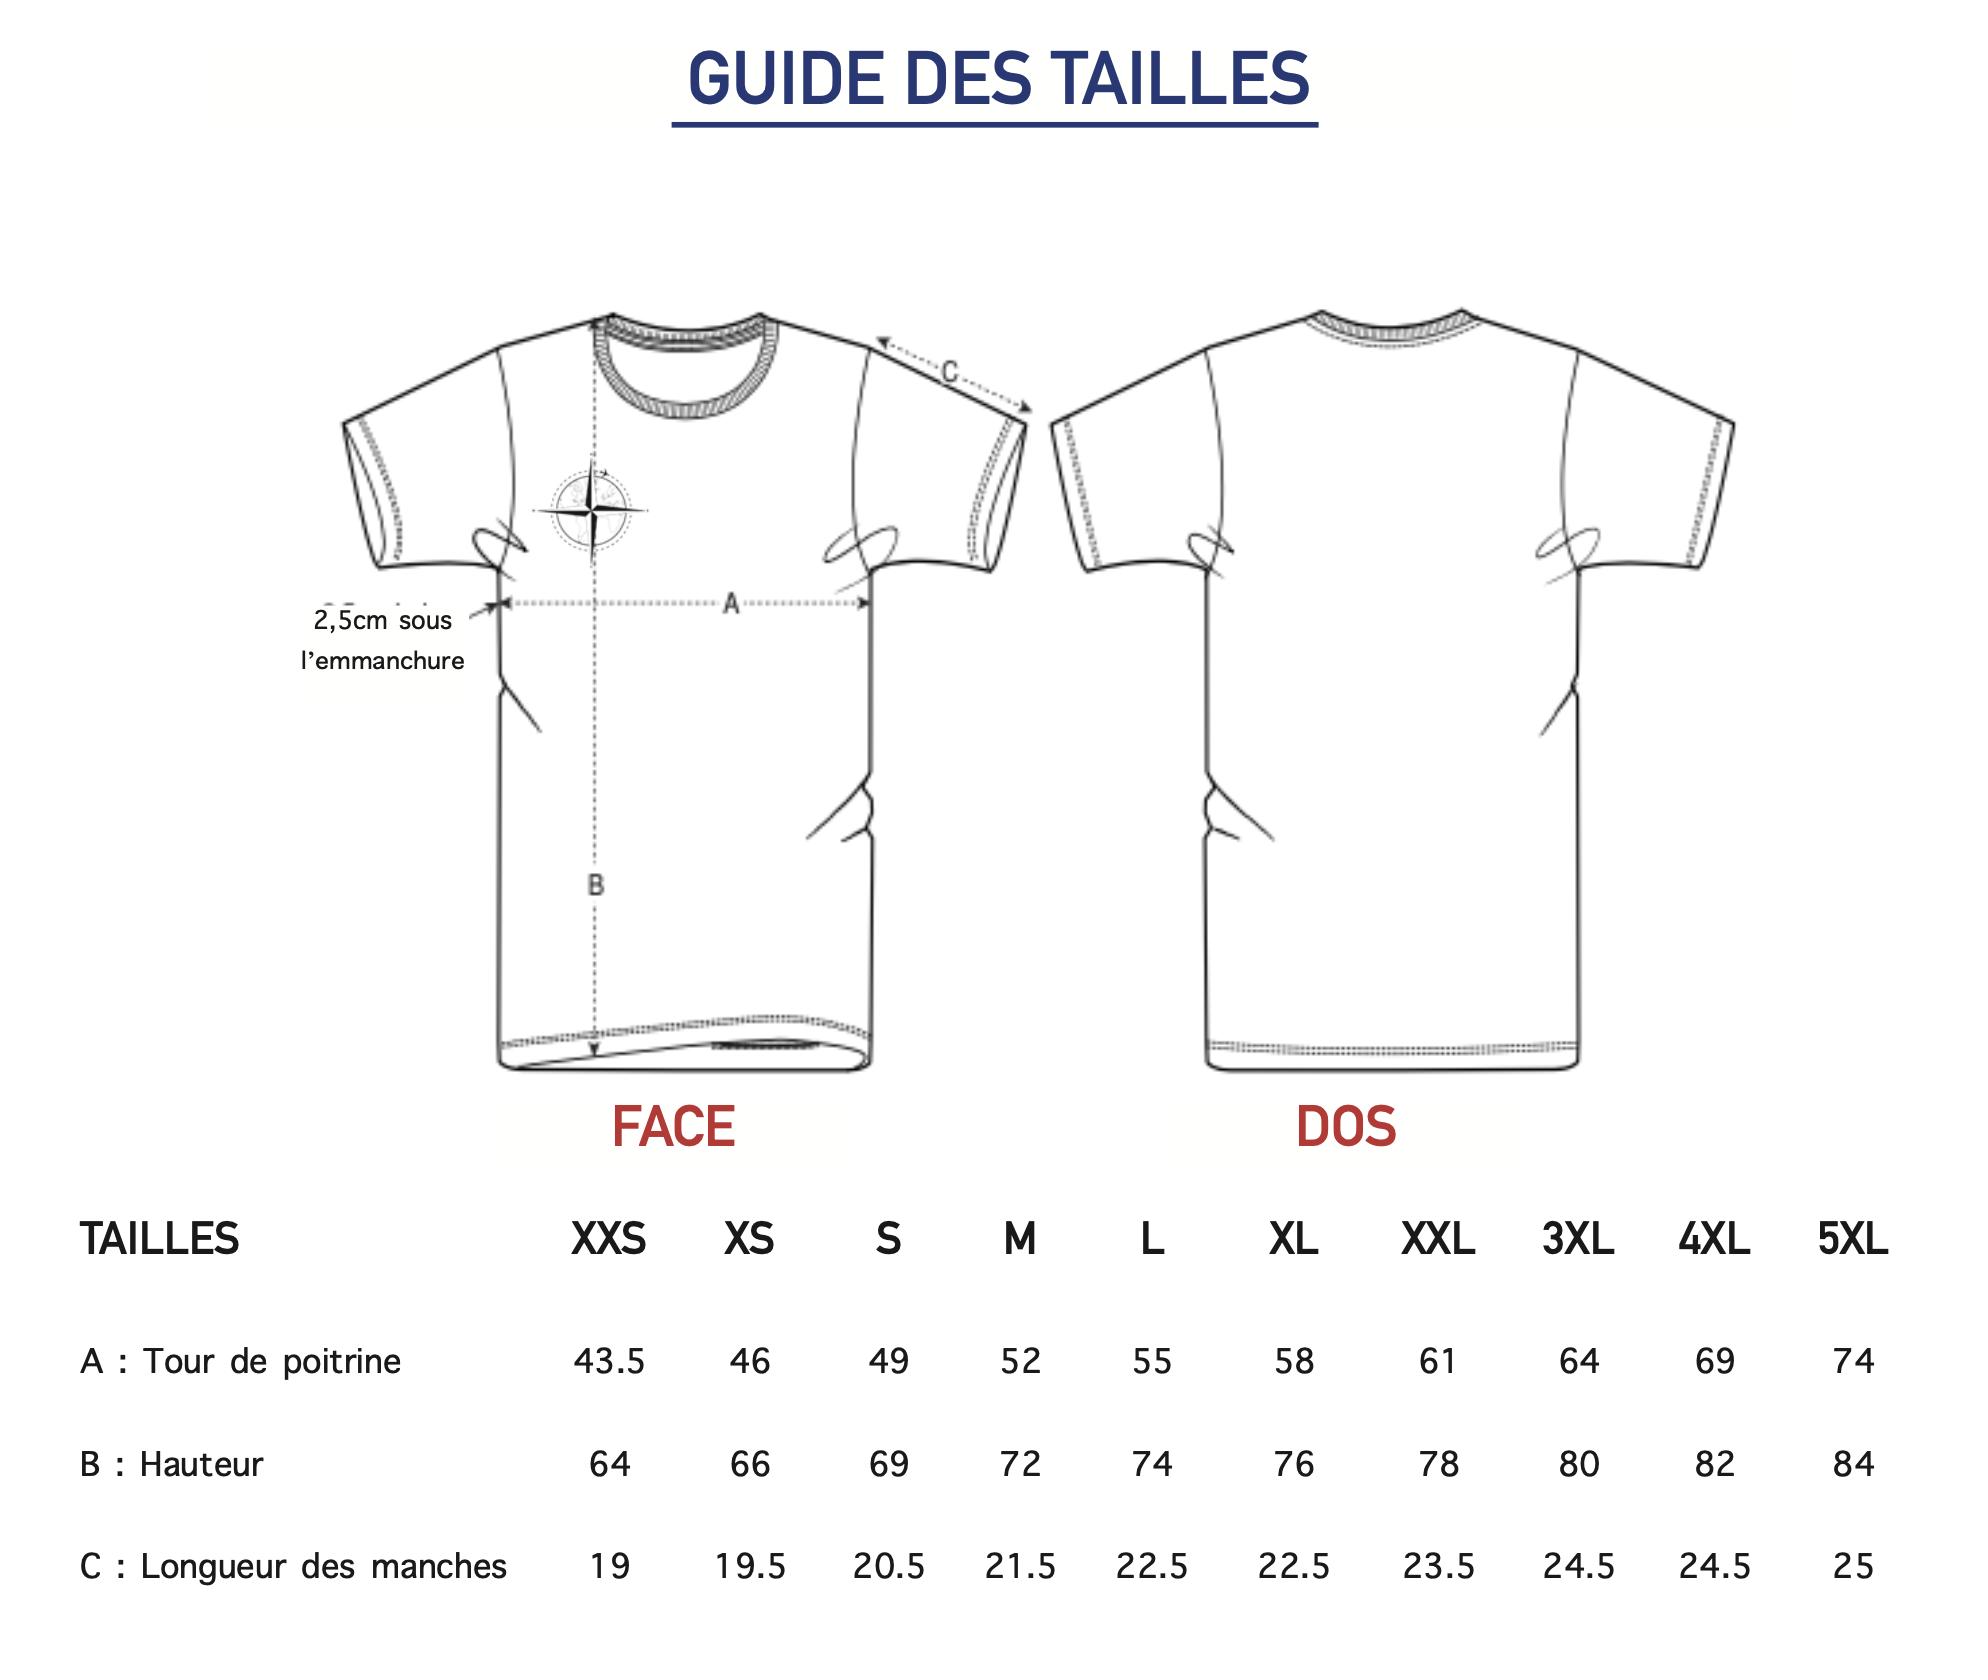 T-shirt Iris guide des tailles